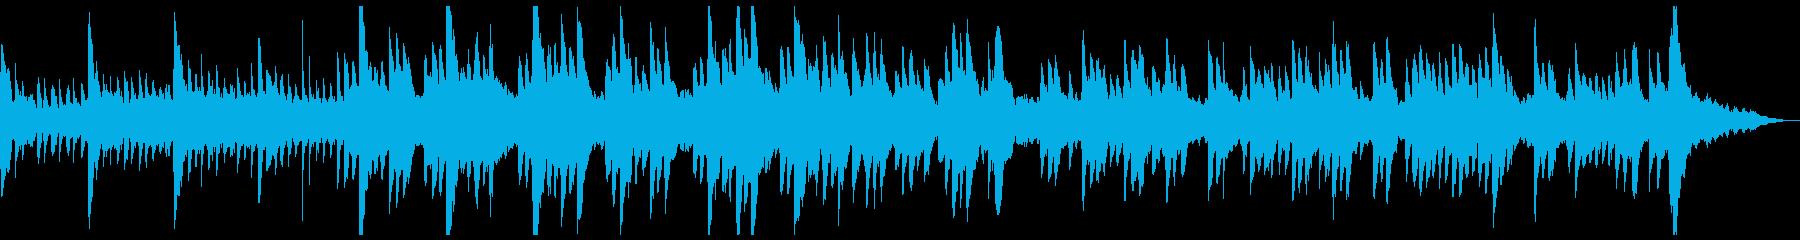 神秘的なファンタジー シンセ ピアノ曲 の再生済みの波形